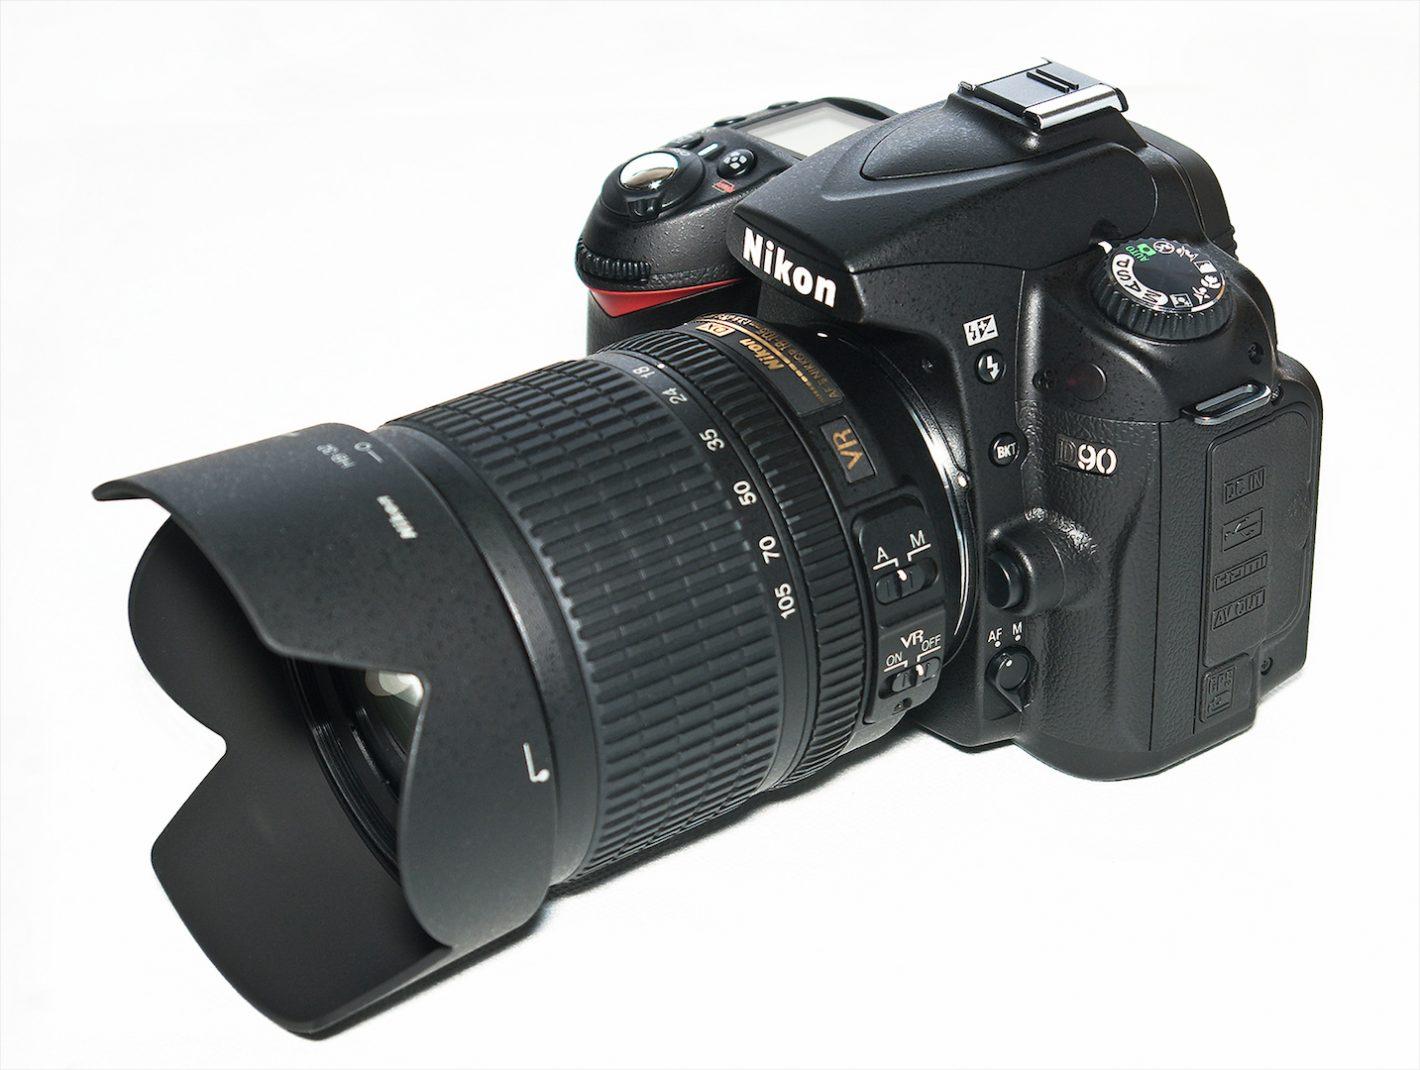 Boitiers Nikon D90 avec AFS Nikkor 18-105 mm